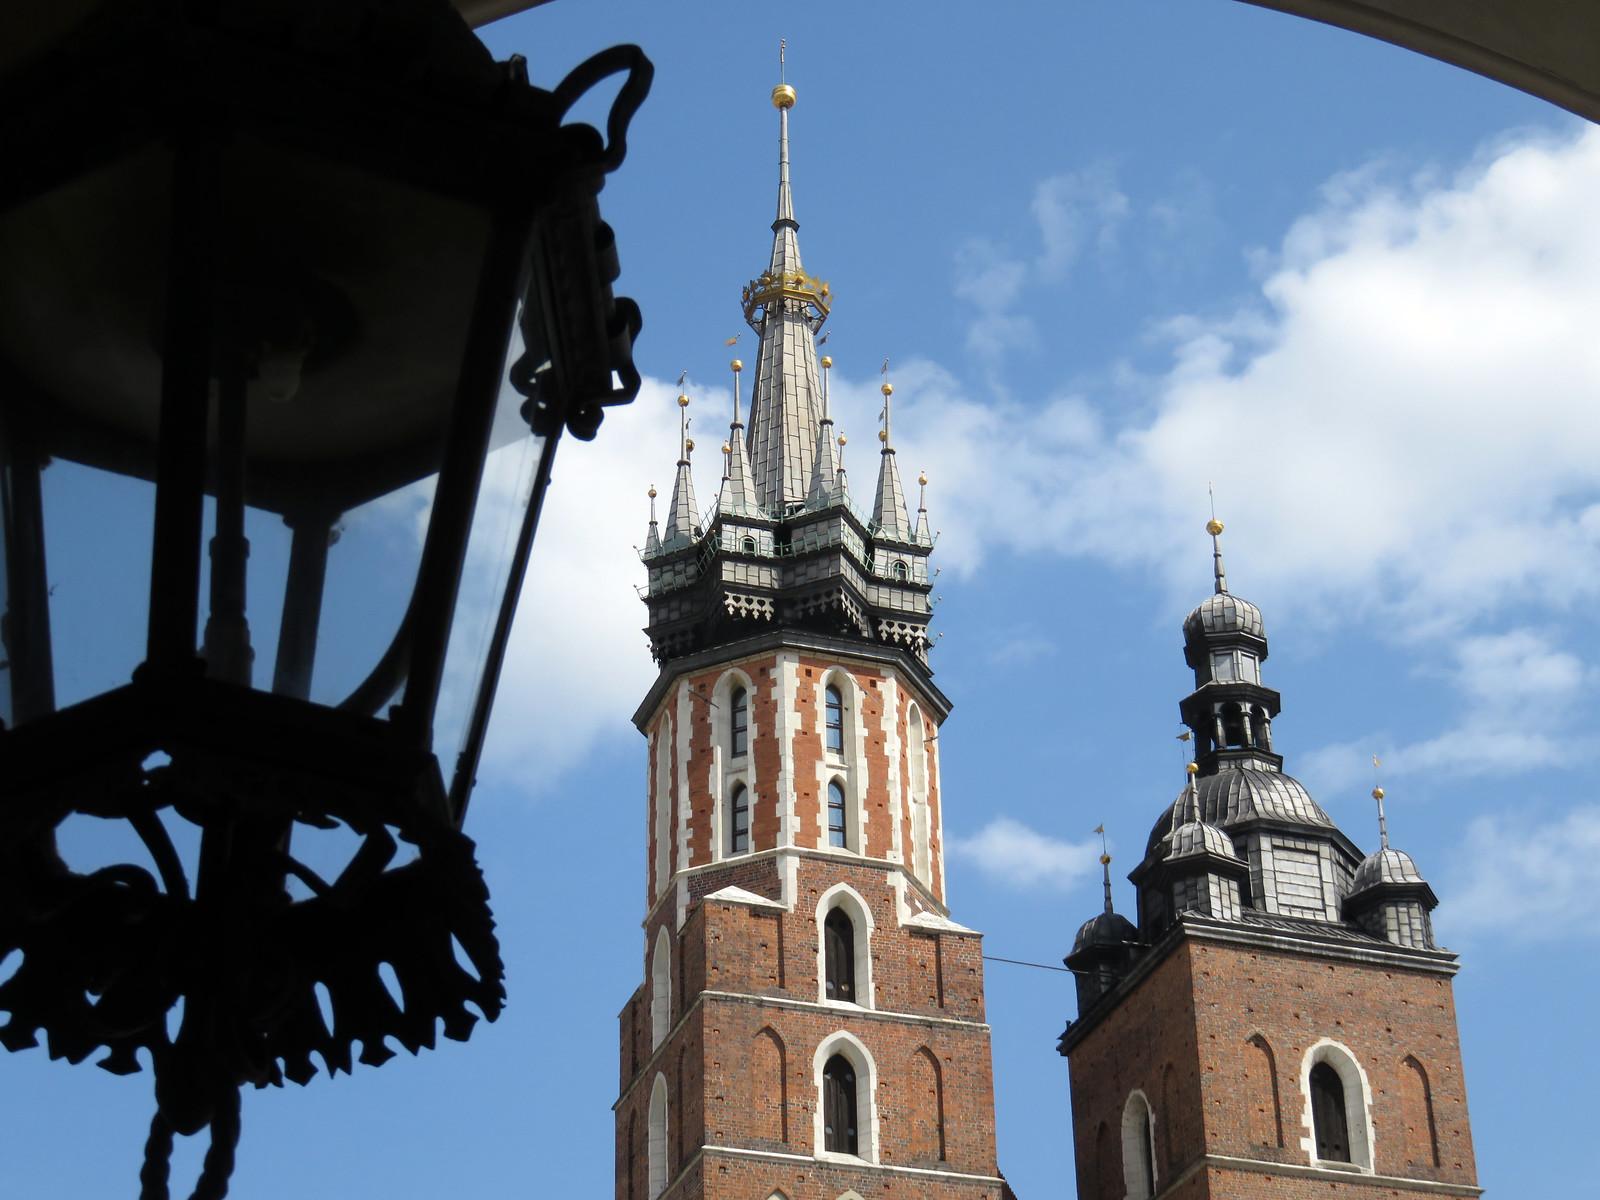 Qué ver en Cracovia, Krakow, Polonia, Poland qué ver en cracovia - 25591725877 f507d7de2a h - Qué ver en Cracovia, Polonia